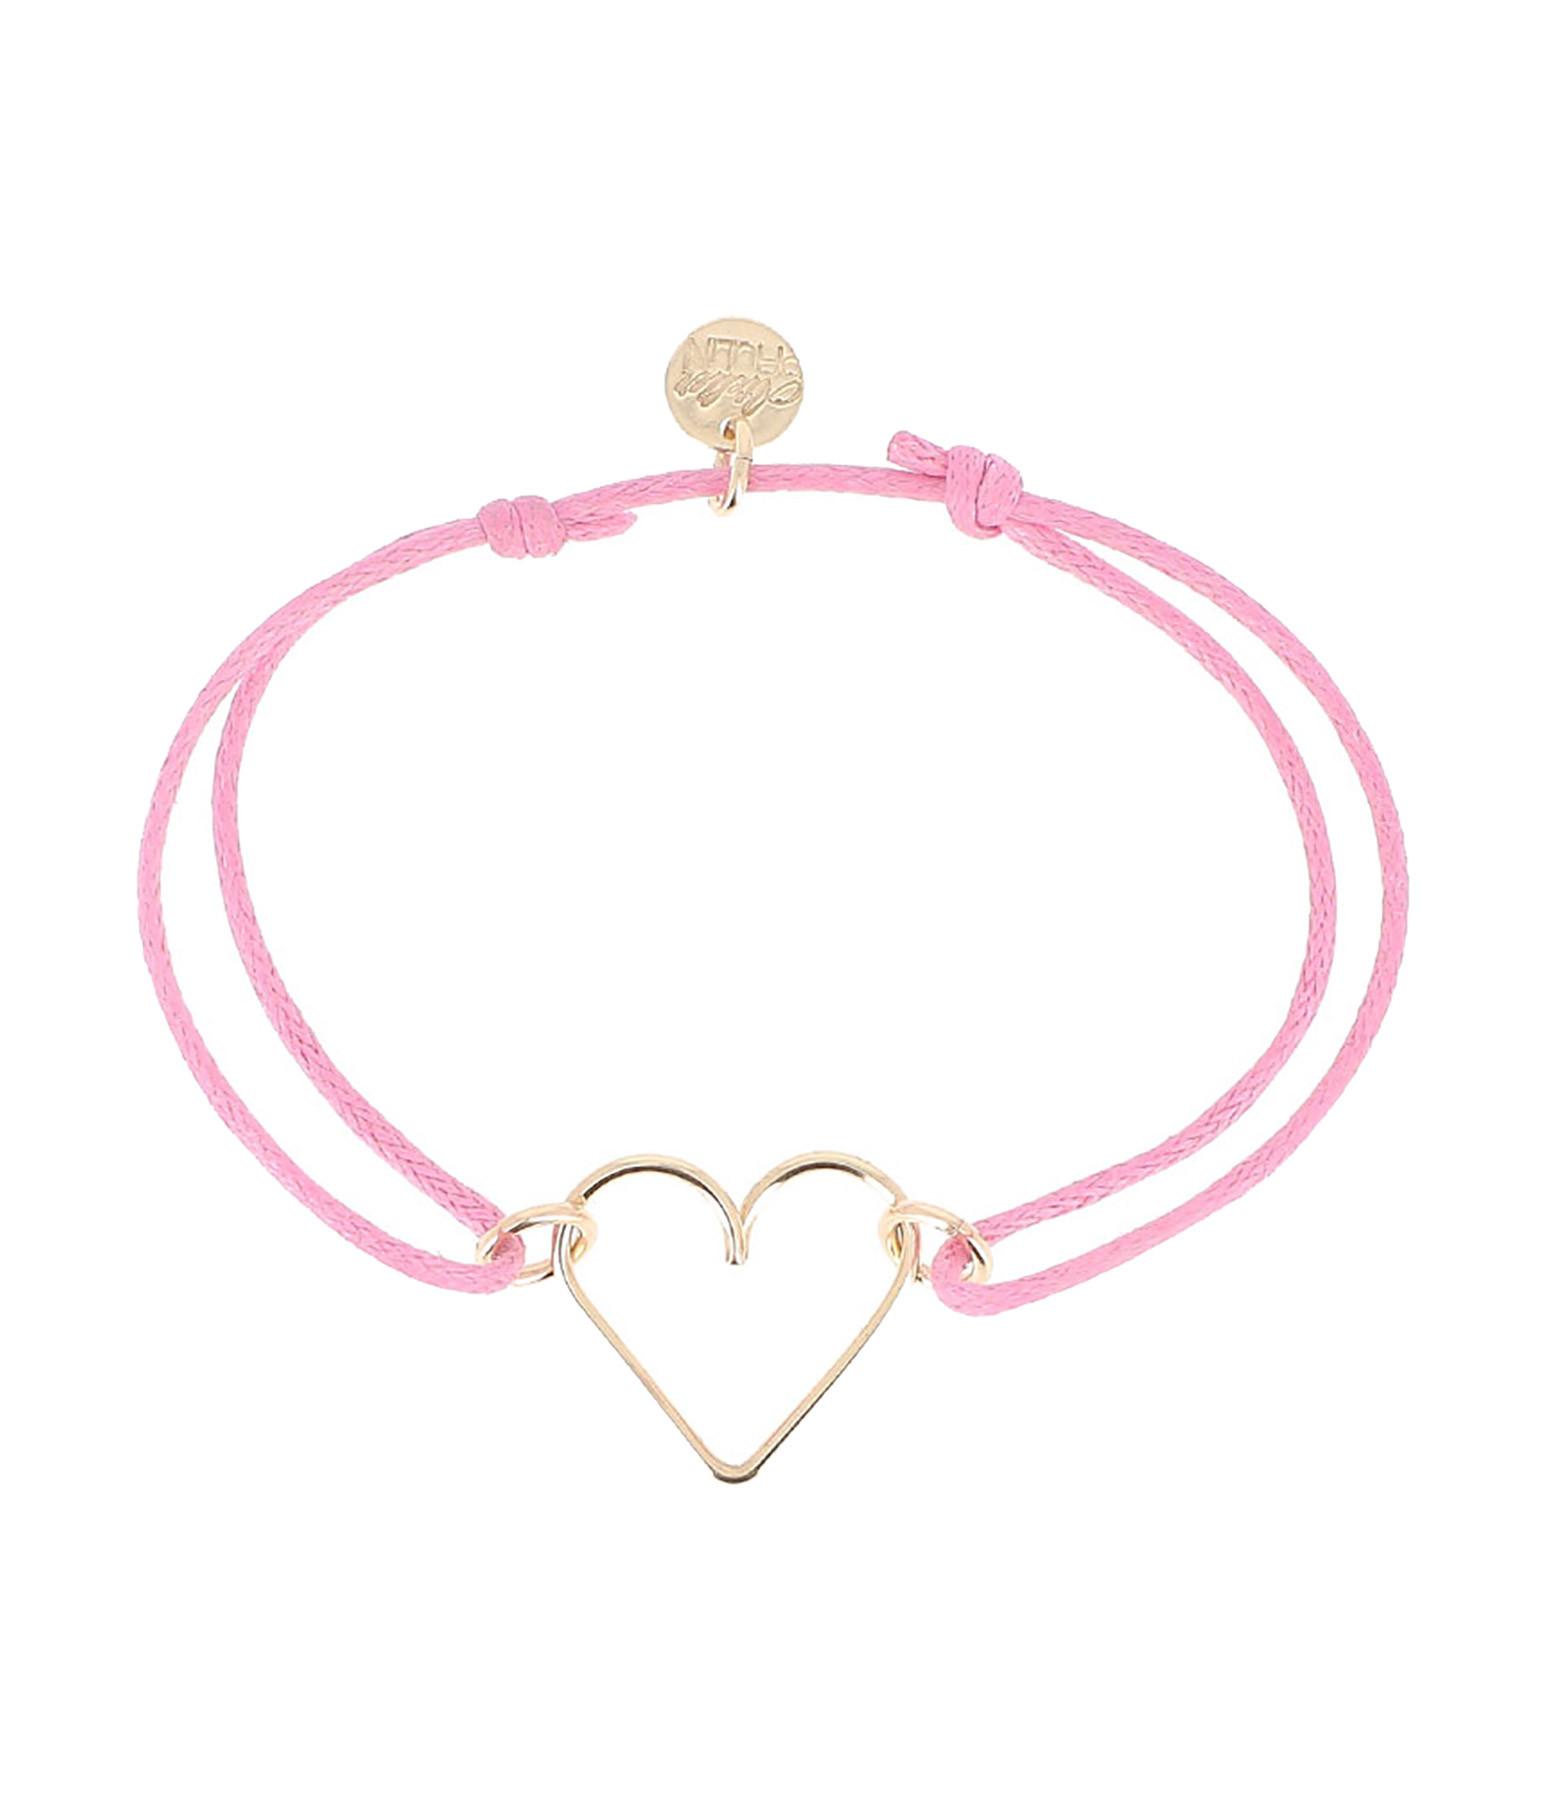 ATELIER PAULIN - Bracelet Cordon Ciré Mini Cœur AIDES Gold Filled